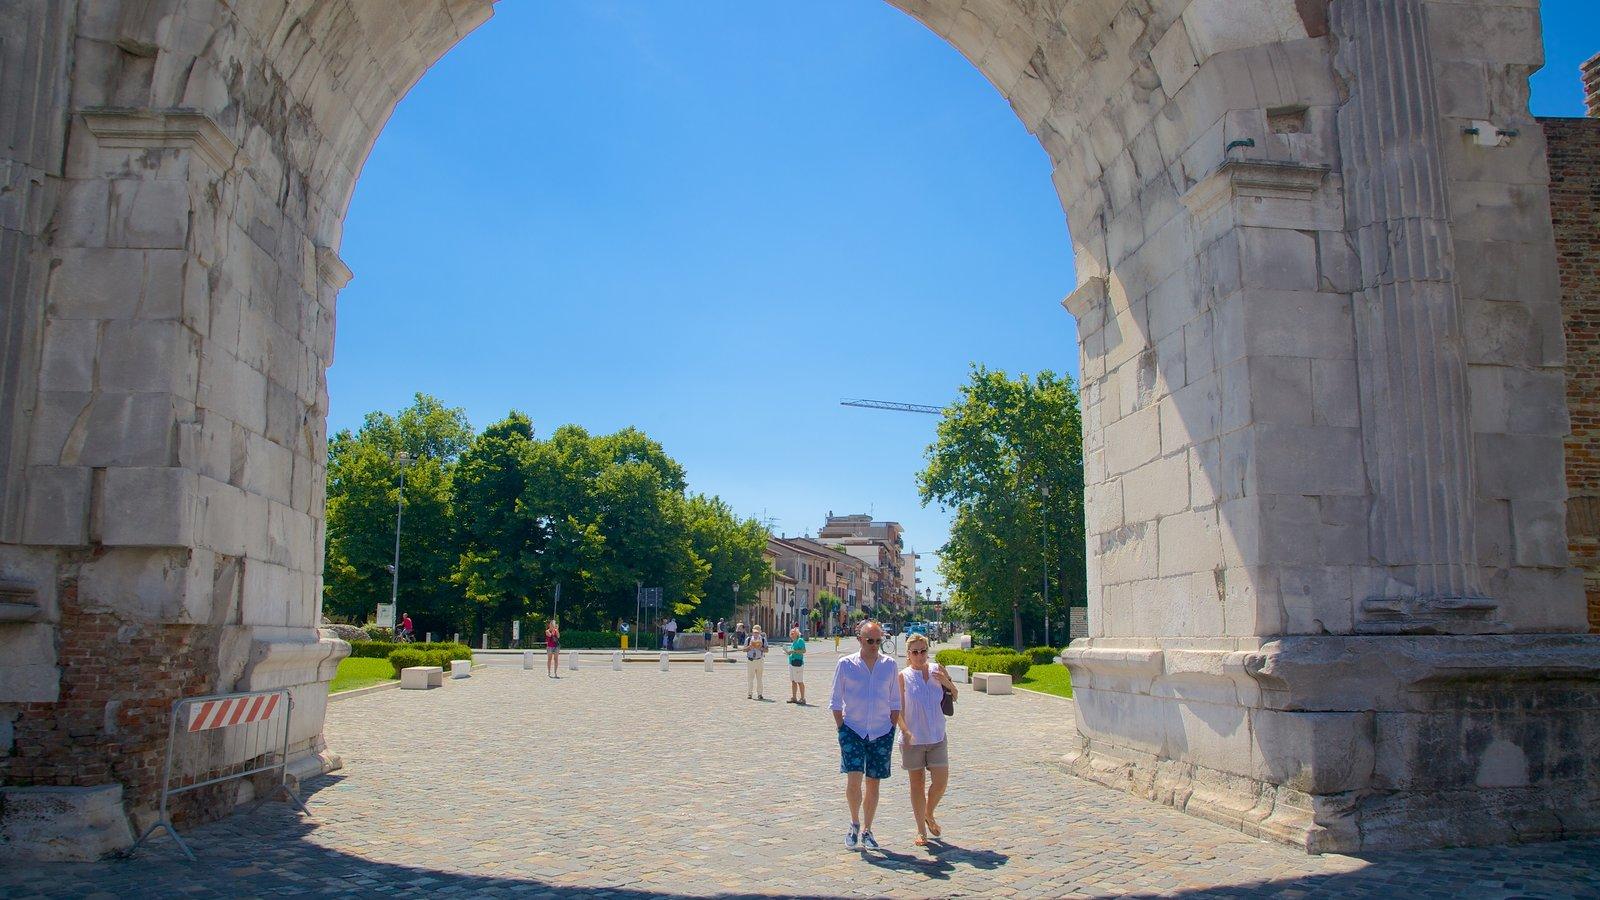 Arco de Augusto que inclui elementos de patrimônio e cenas de rua assim como um casal